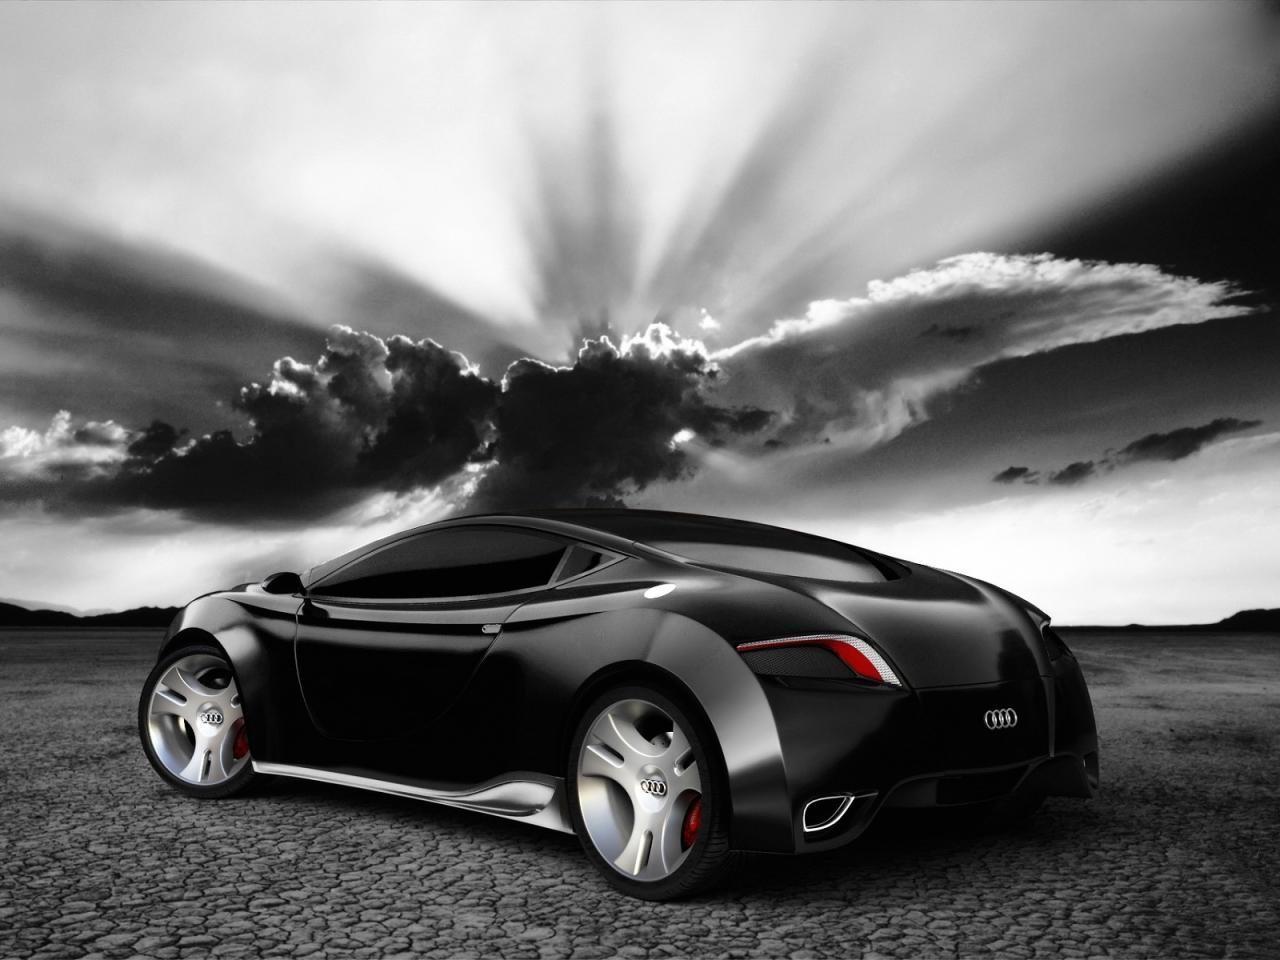 صور صور خلفيات للسيارات , اجمل سيارات في العالم